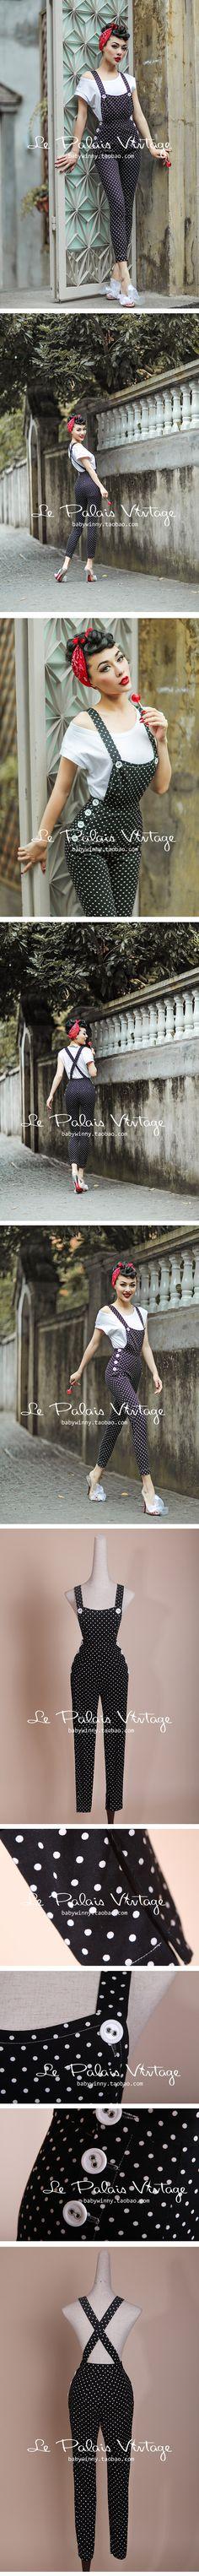 le palais vintage 秋冬限量复古圆点高腰修身包臀铅笔背带裤0.3-淘宝网